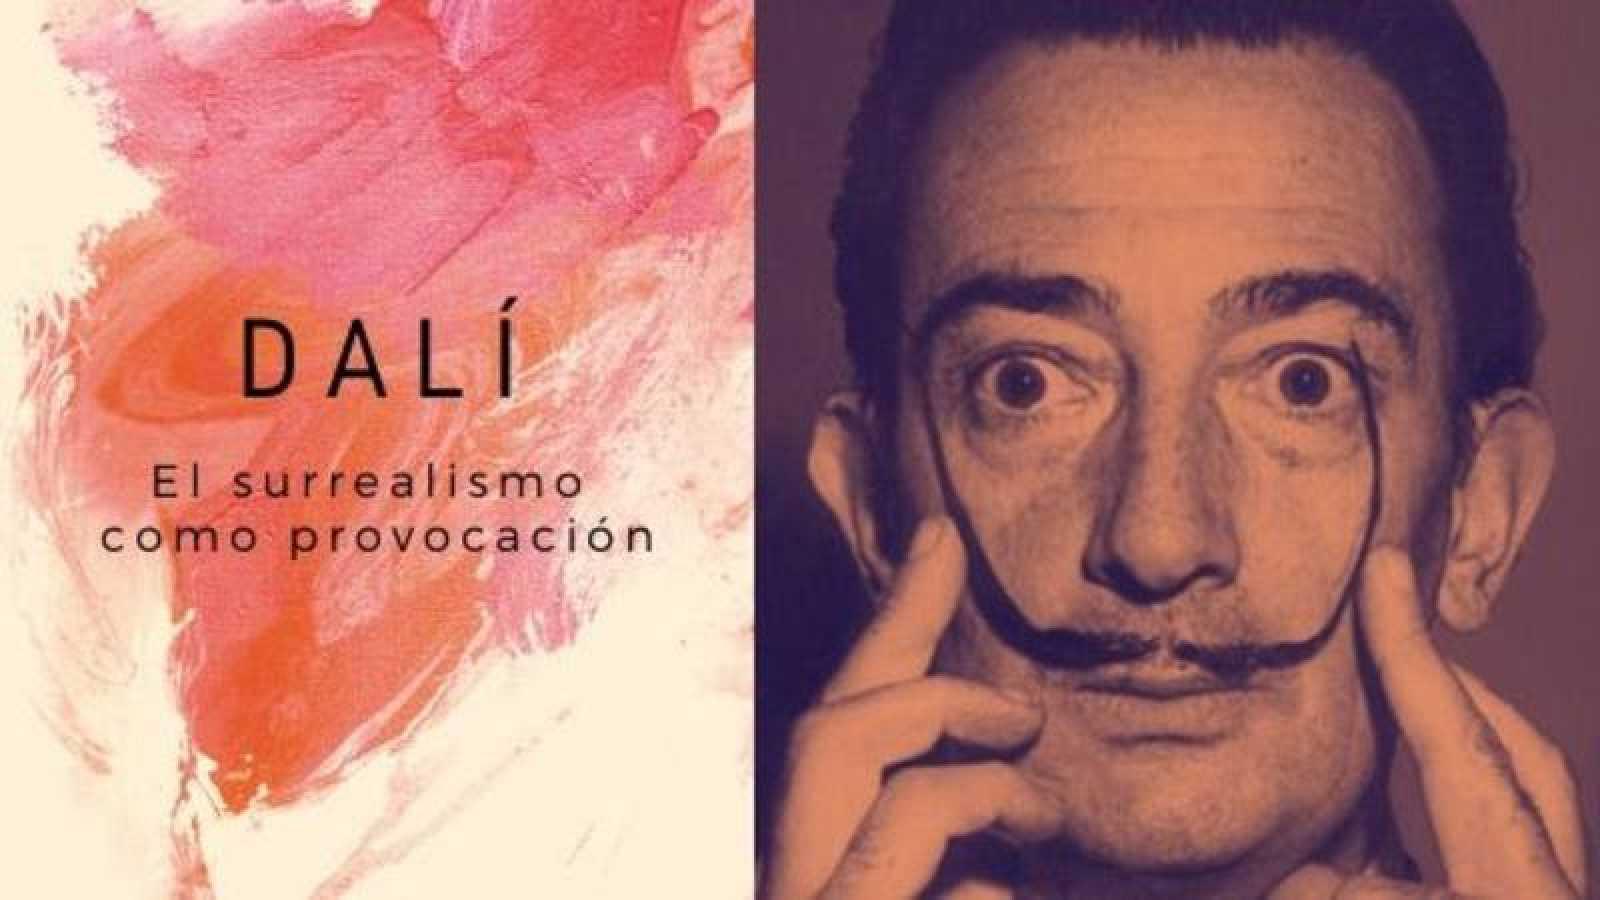 Repasamos la vida y obra de Dalí, uno de los grandes artistas del siglo XX.